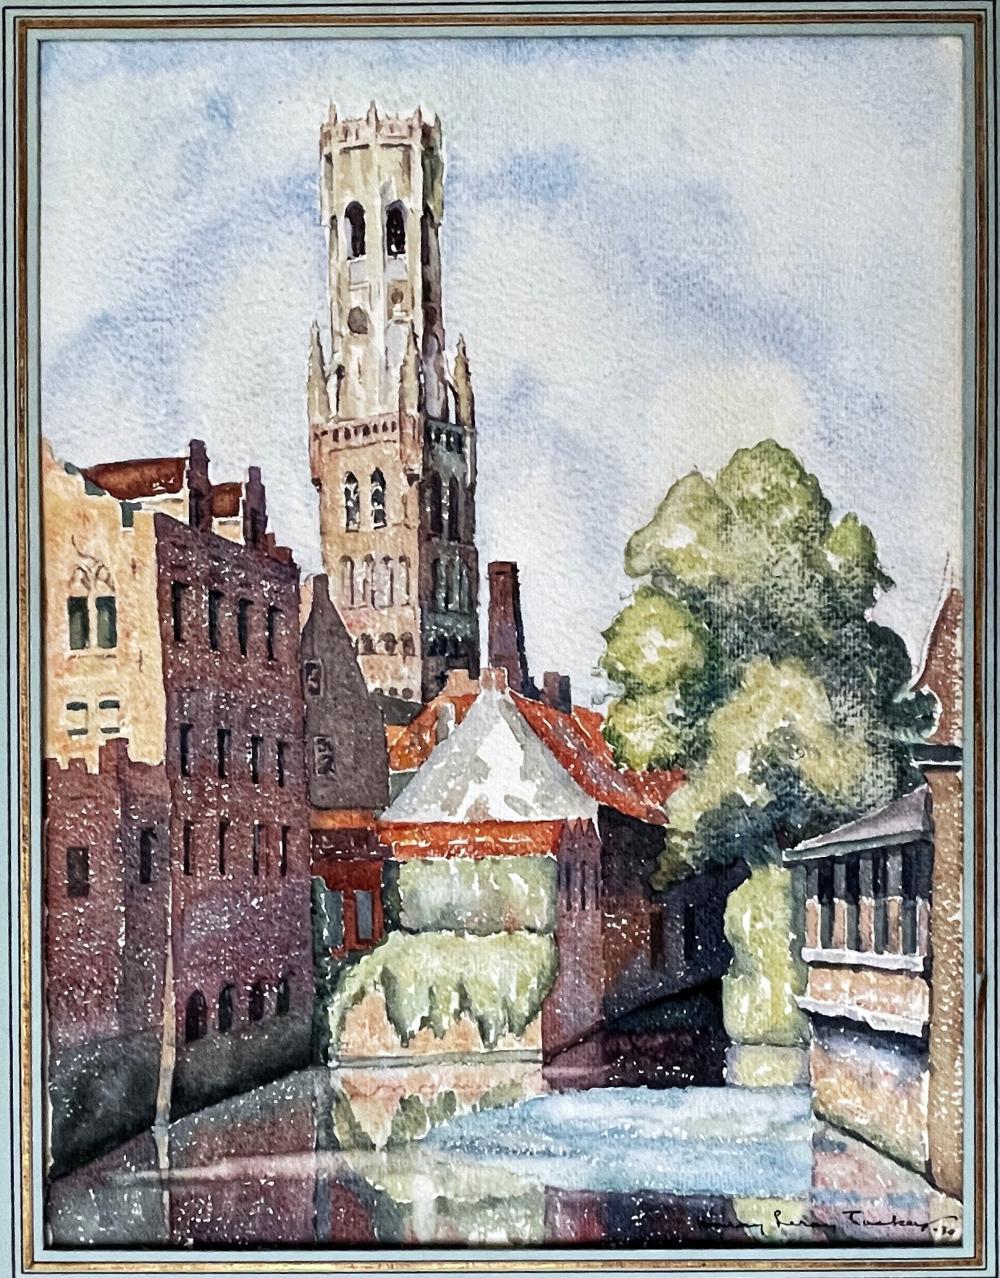 Harry LeRoy Taskey: Belfry Bruges, 1930 Watercolor